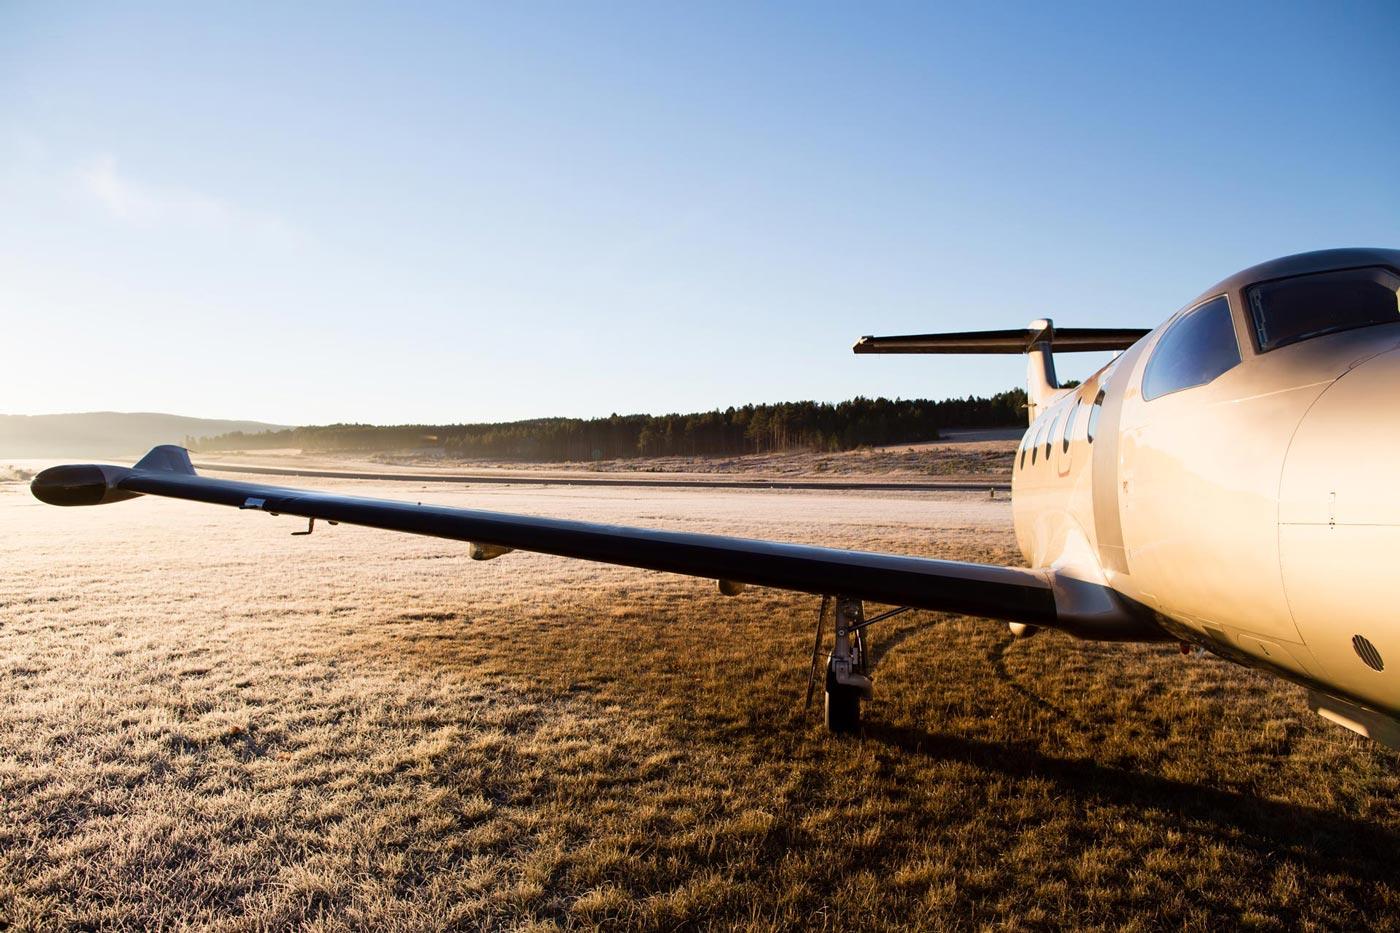 Desert Plane Wing